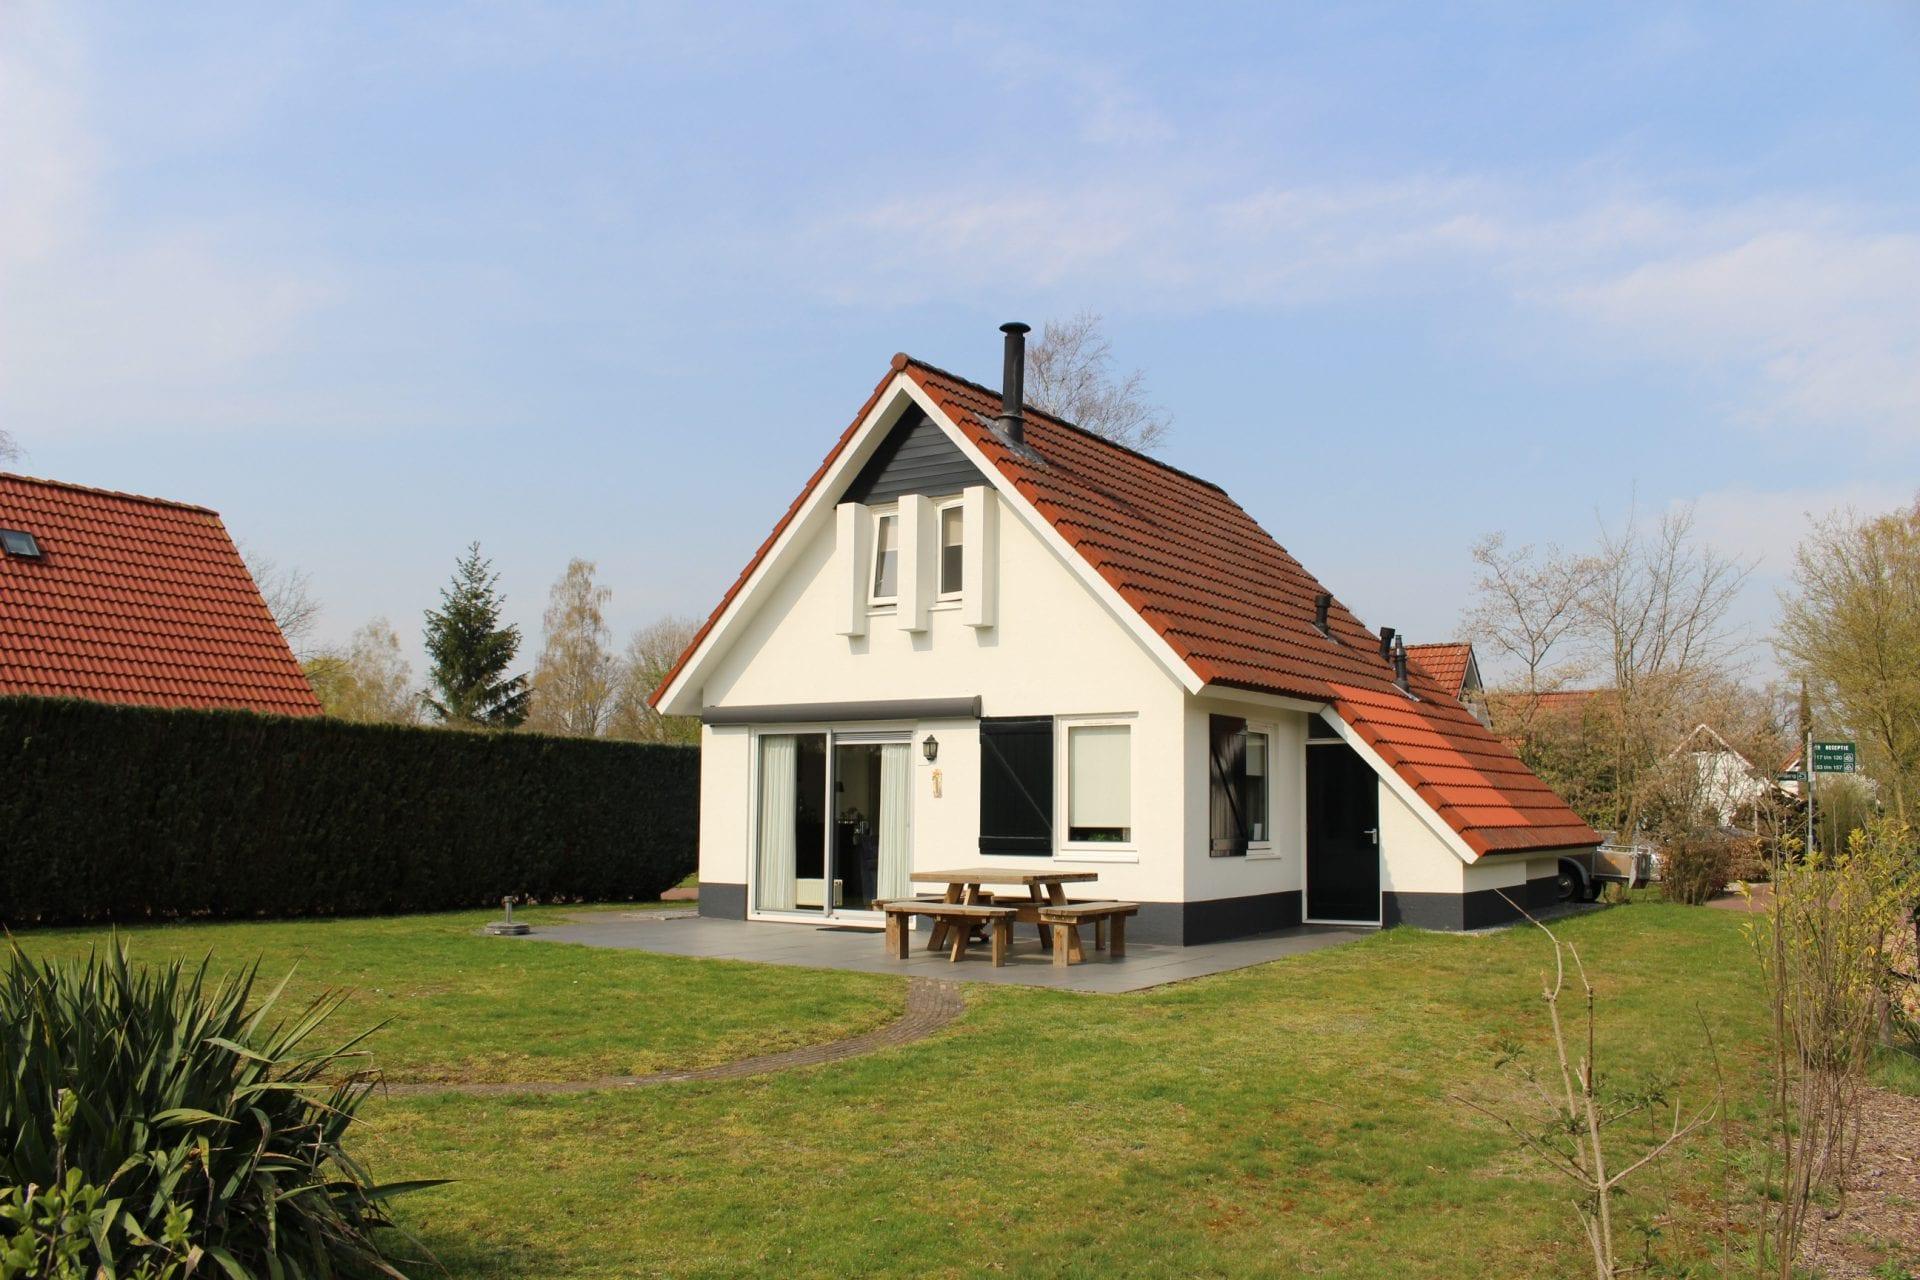 1 Landgoed De Elsgraven - Vakantiehuis nr. 151 - 4-persoons